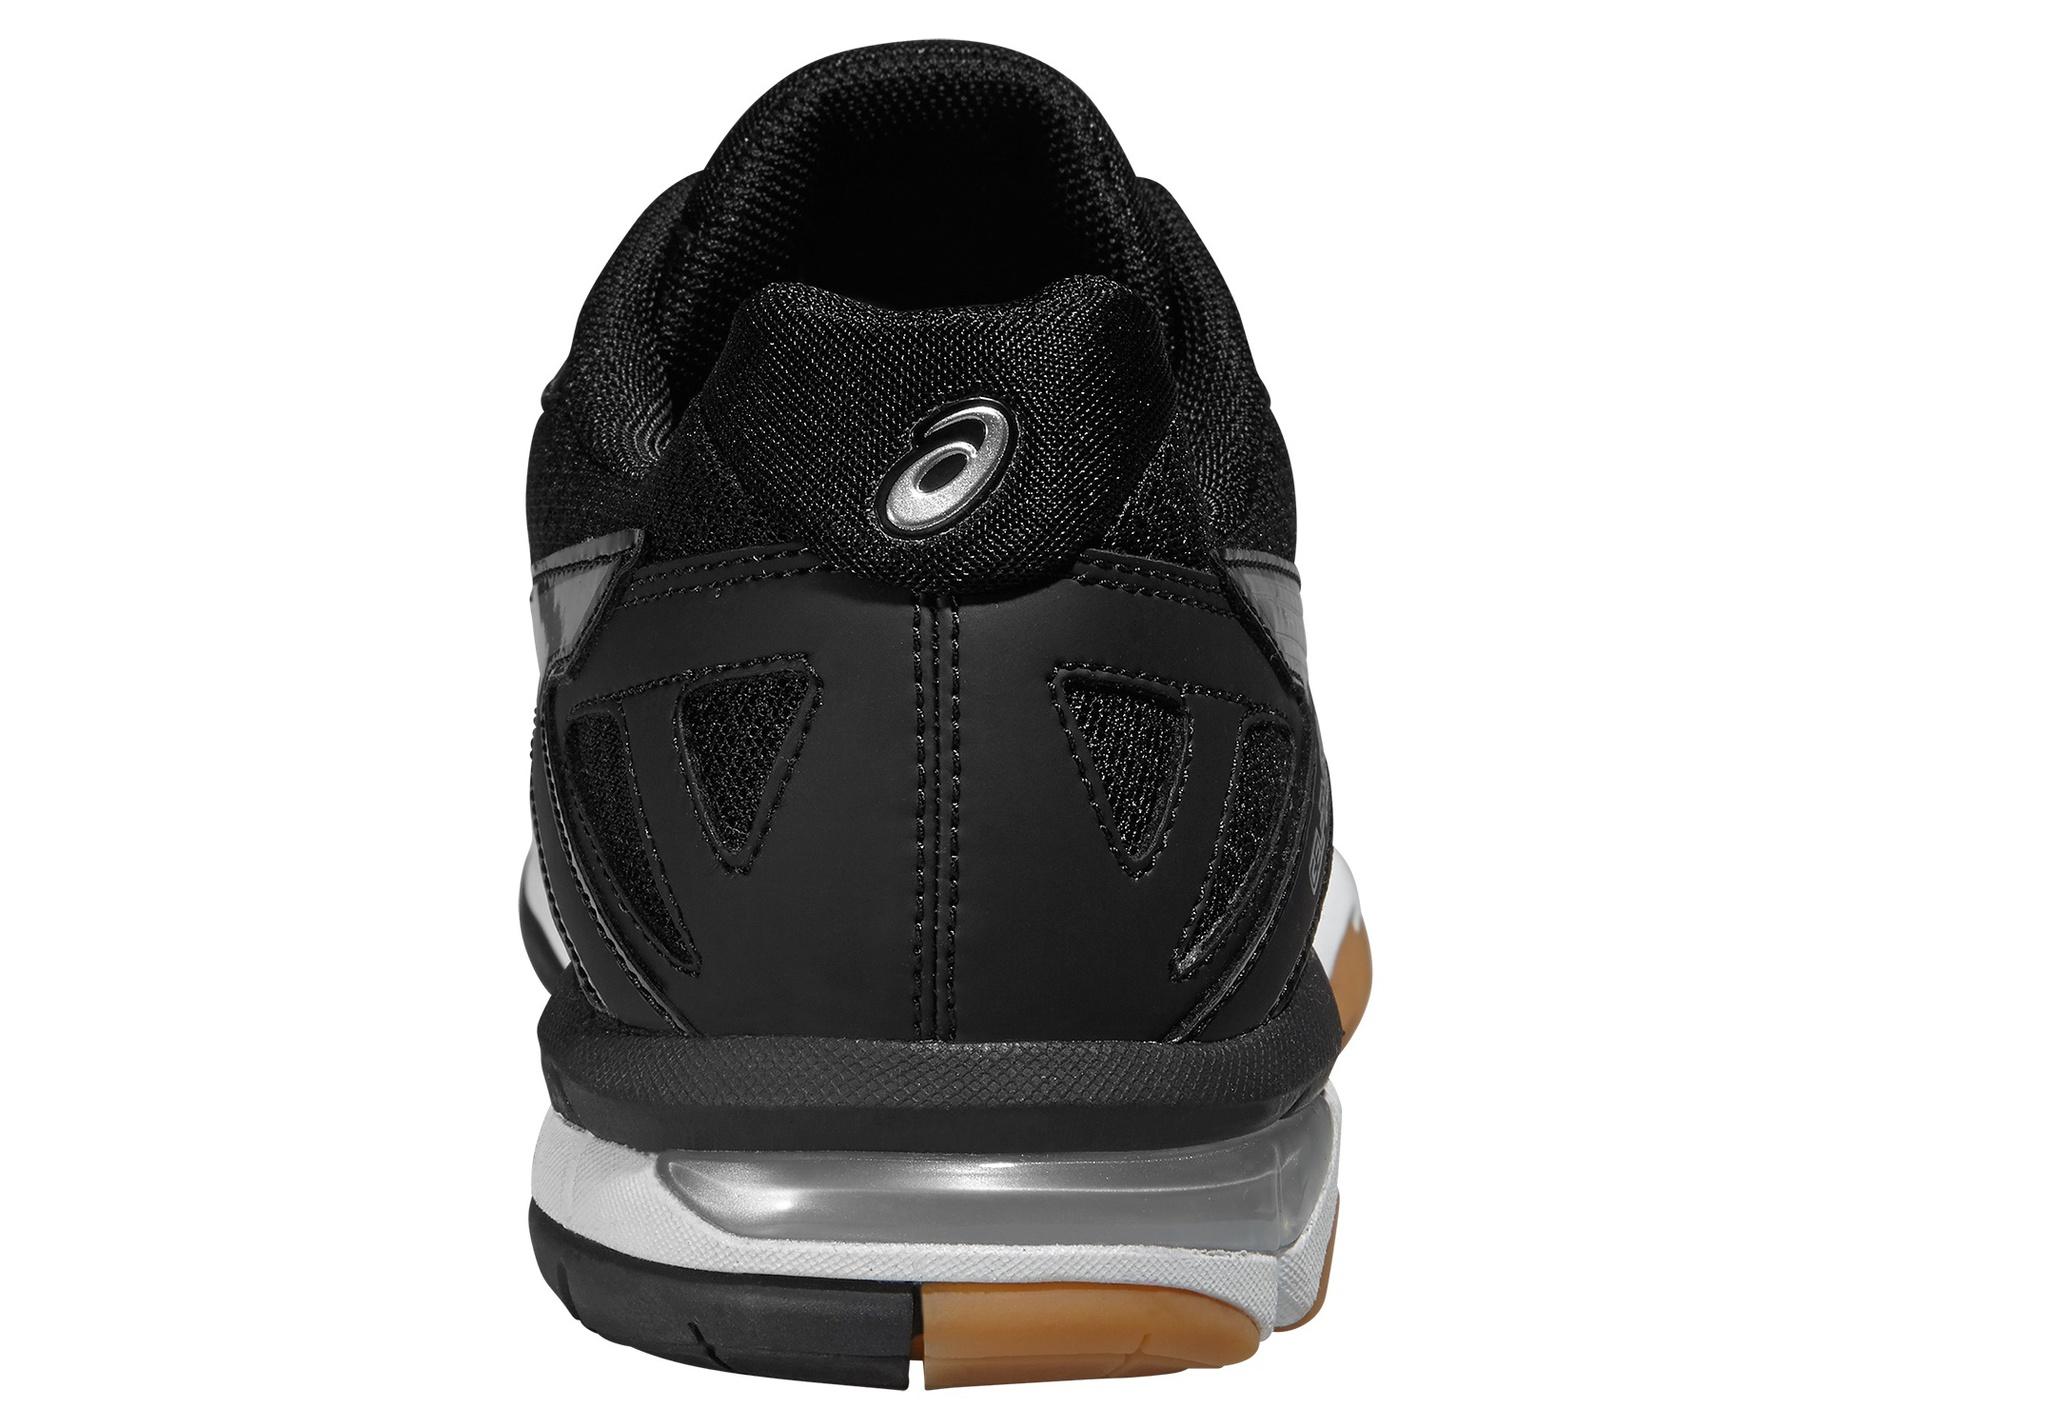 Мужские волейбольные кроссовки Асикс Gel-Tactic (B504N 9099) черные фото